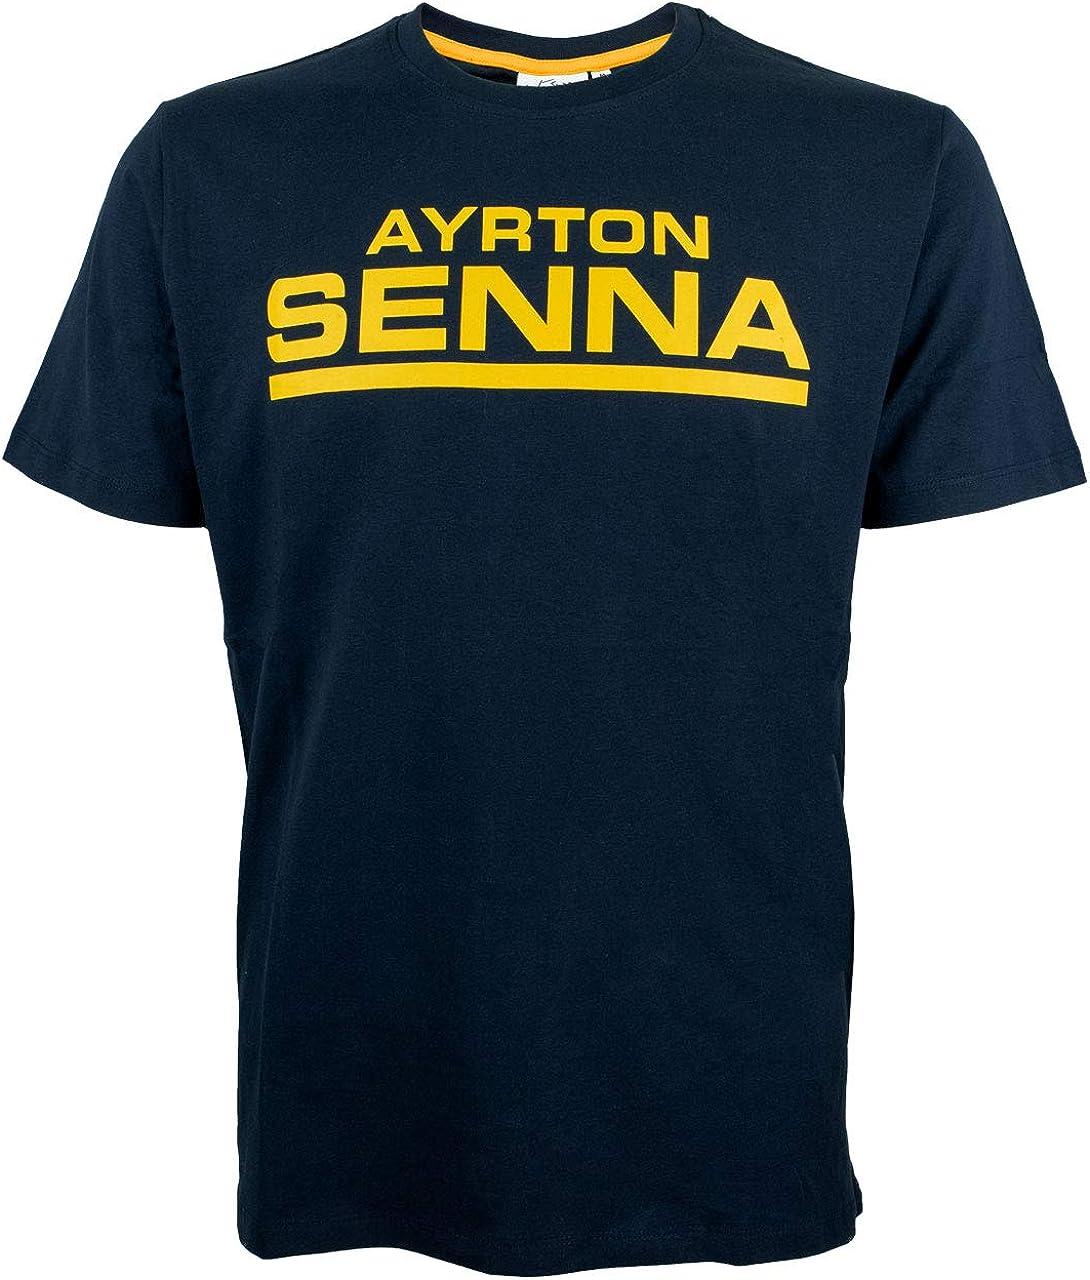 Ayrton Senna T-Shirt Racing 12